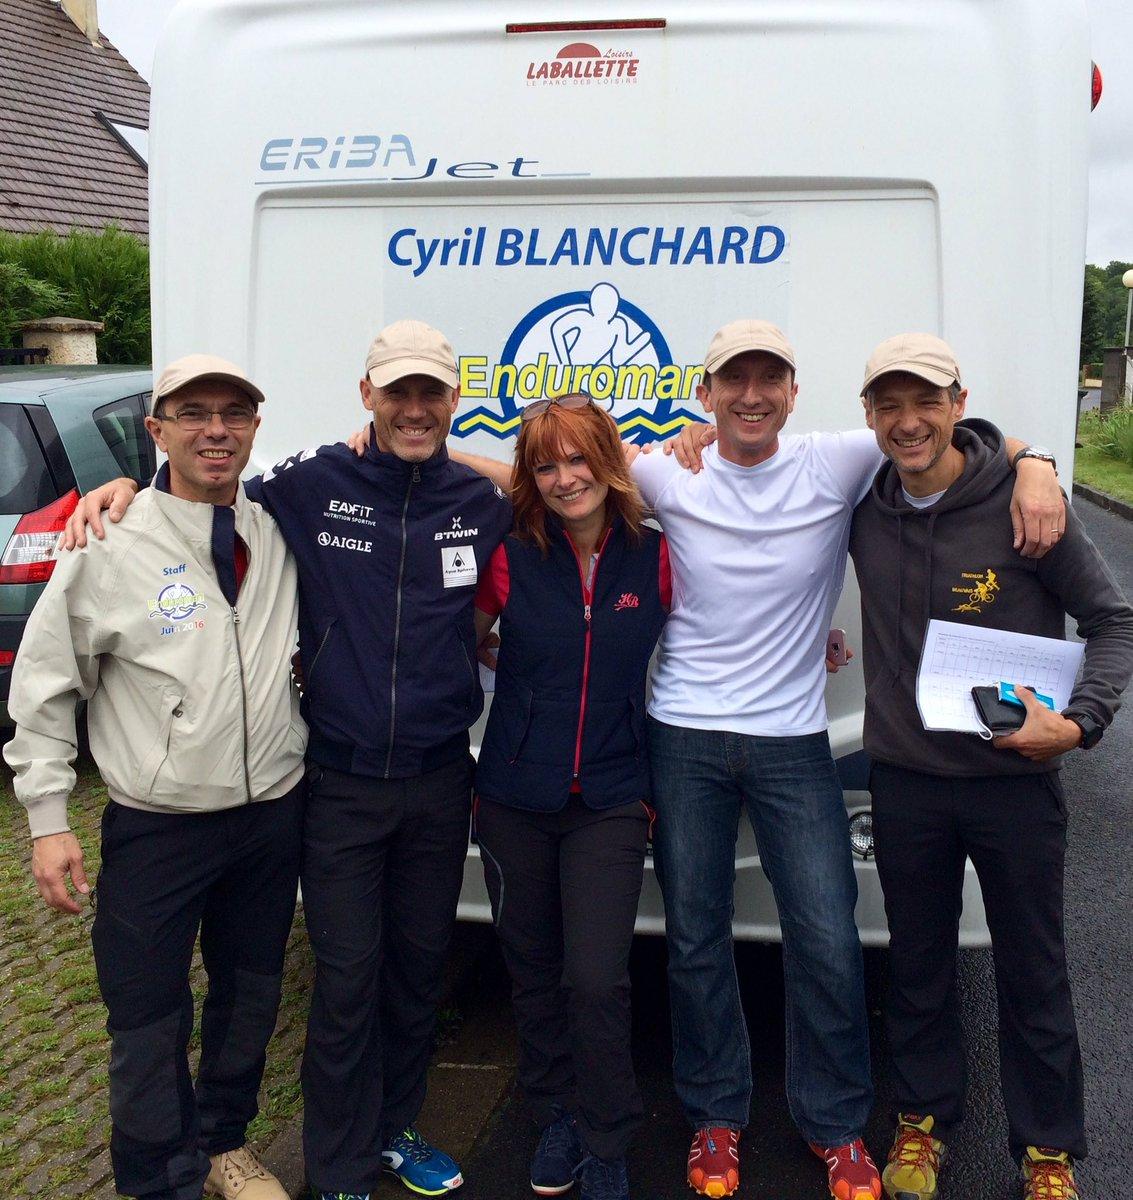 2016/06/21 : Enduroman Cyril c'est parti